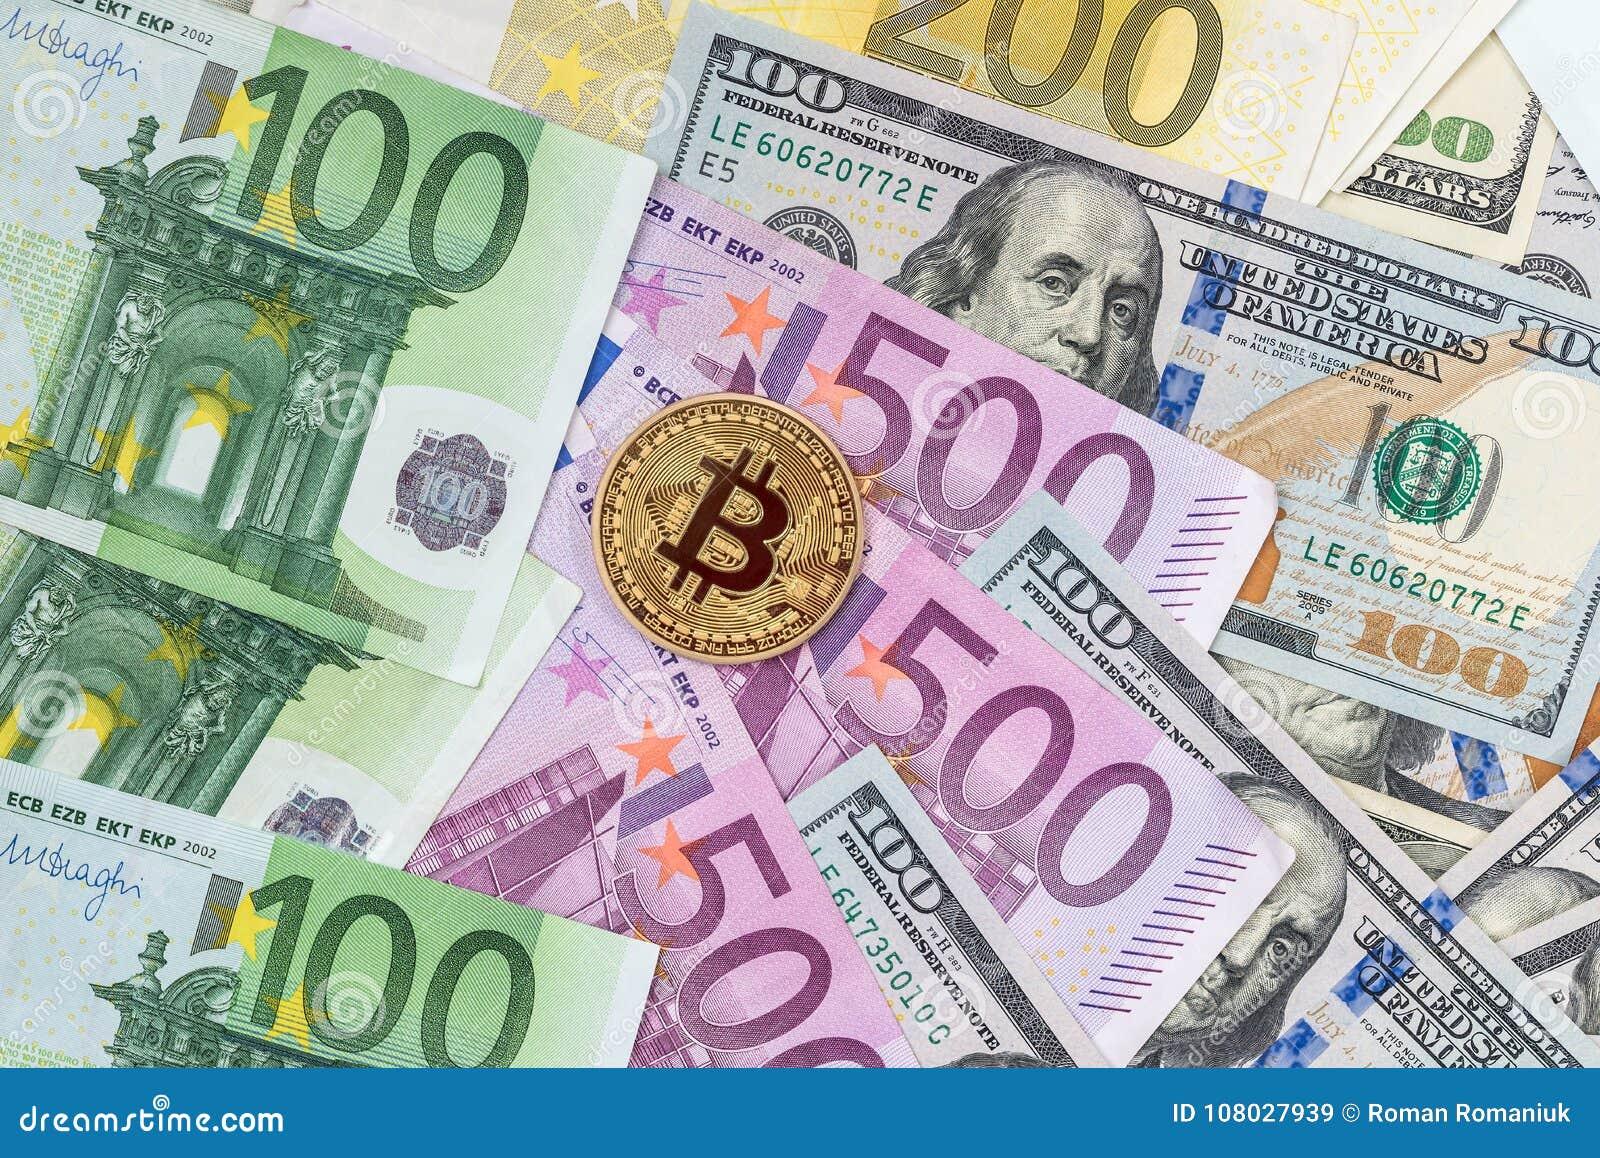 Umrechner Bitcoin In Euro